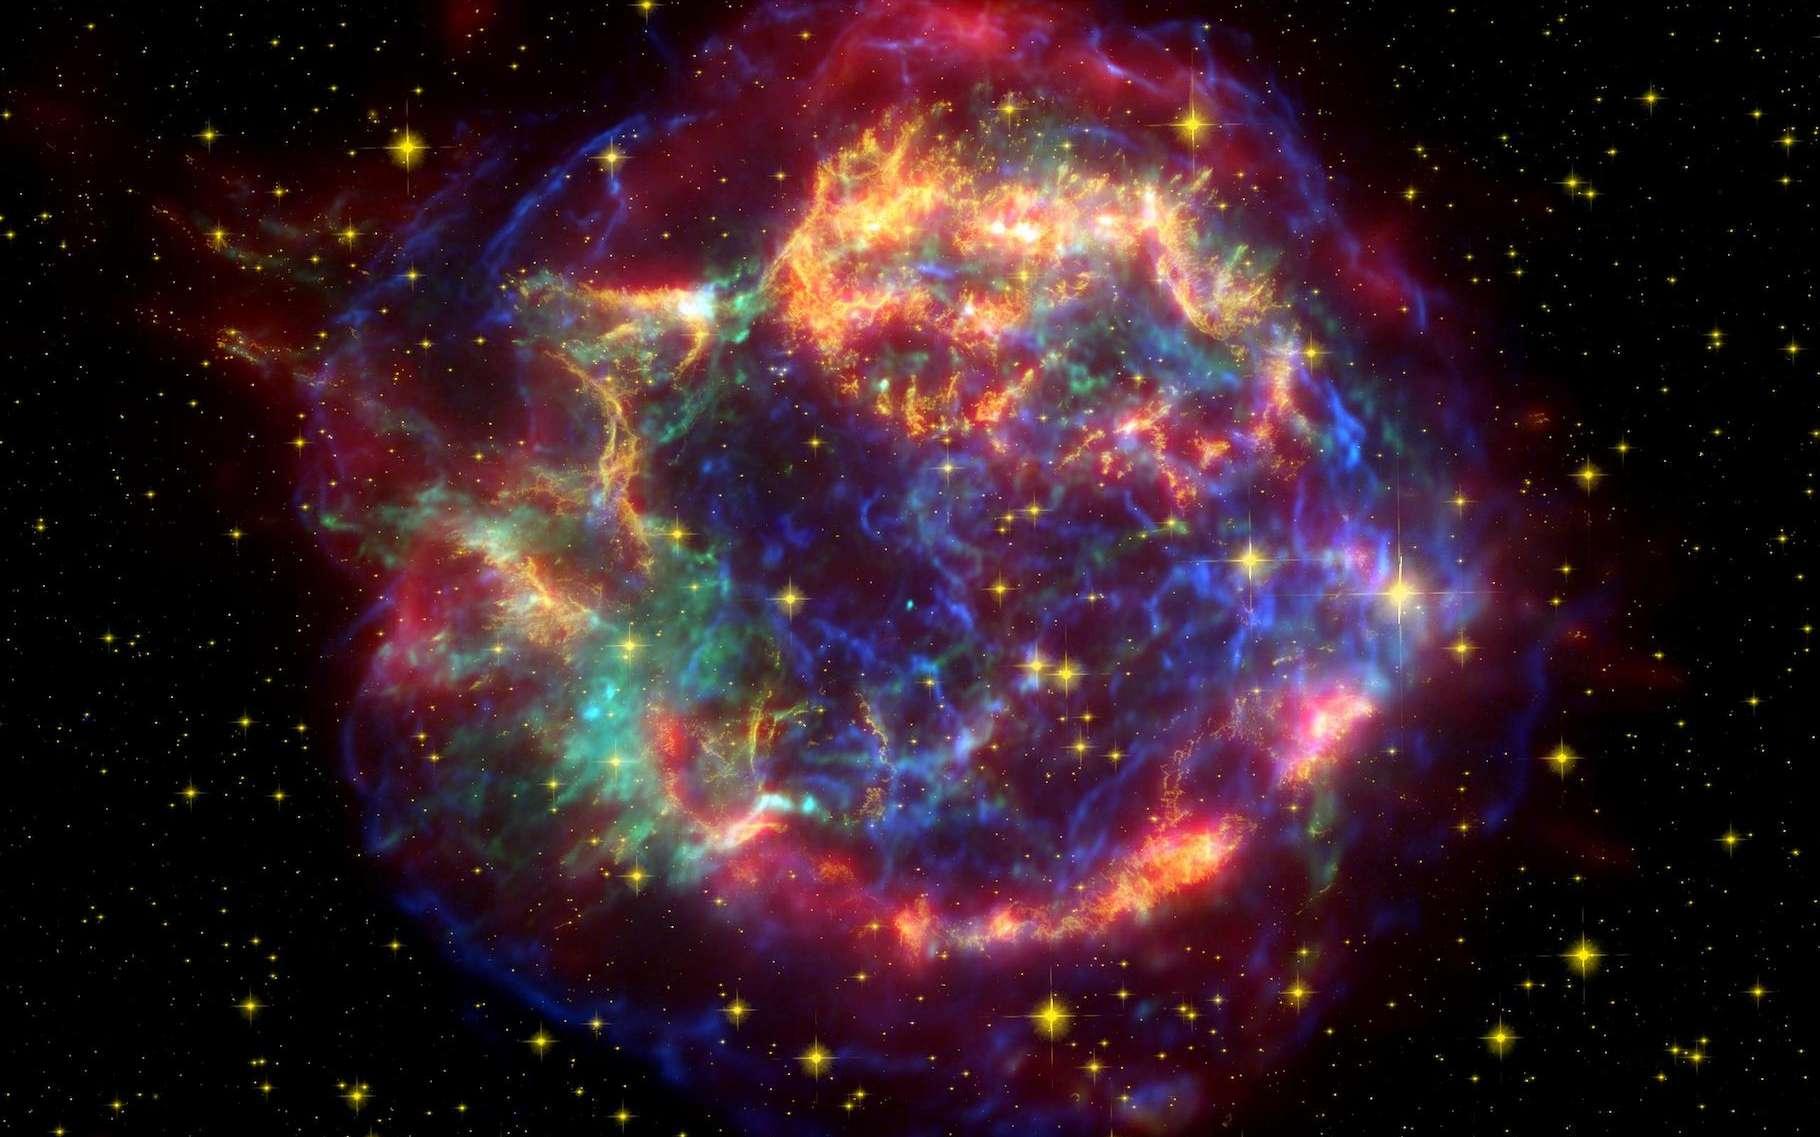 Cassiopée A est le rémanent d'une supernova dont l'explosion a été observable sur Terre il y a environ 300 ans. De telles explosions de supernovæ façonnent littéralement le milieu interstellaire. Et lorsque notre Planète traverse leurs rémanents, elle peut en capter certains éléments comme le fer 60. © Télescope spatial Spitzer, Wikipedia, Domaine public